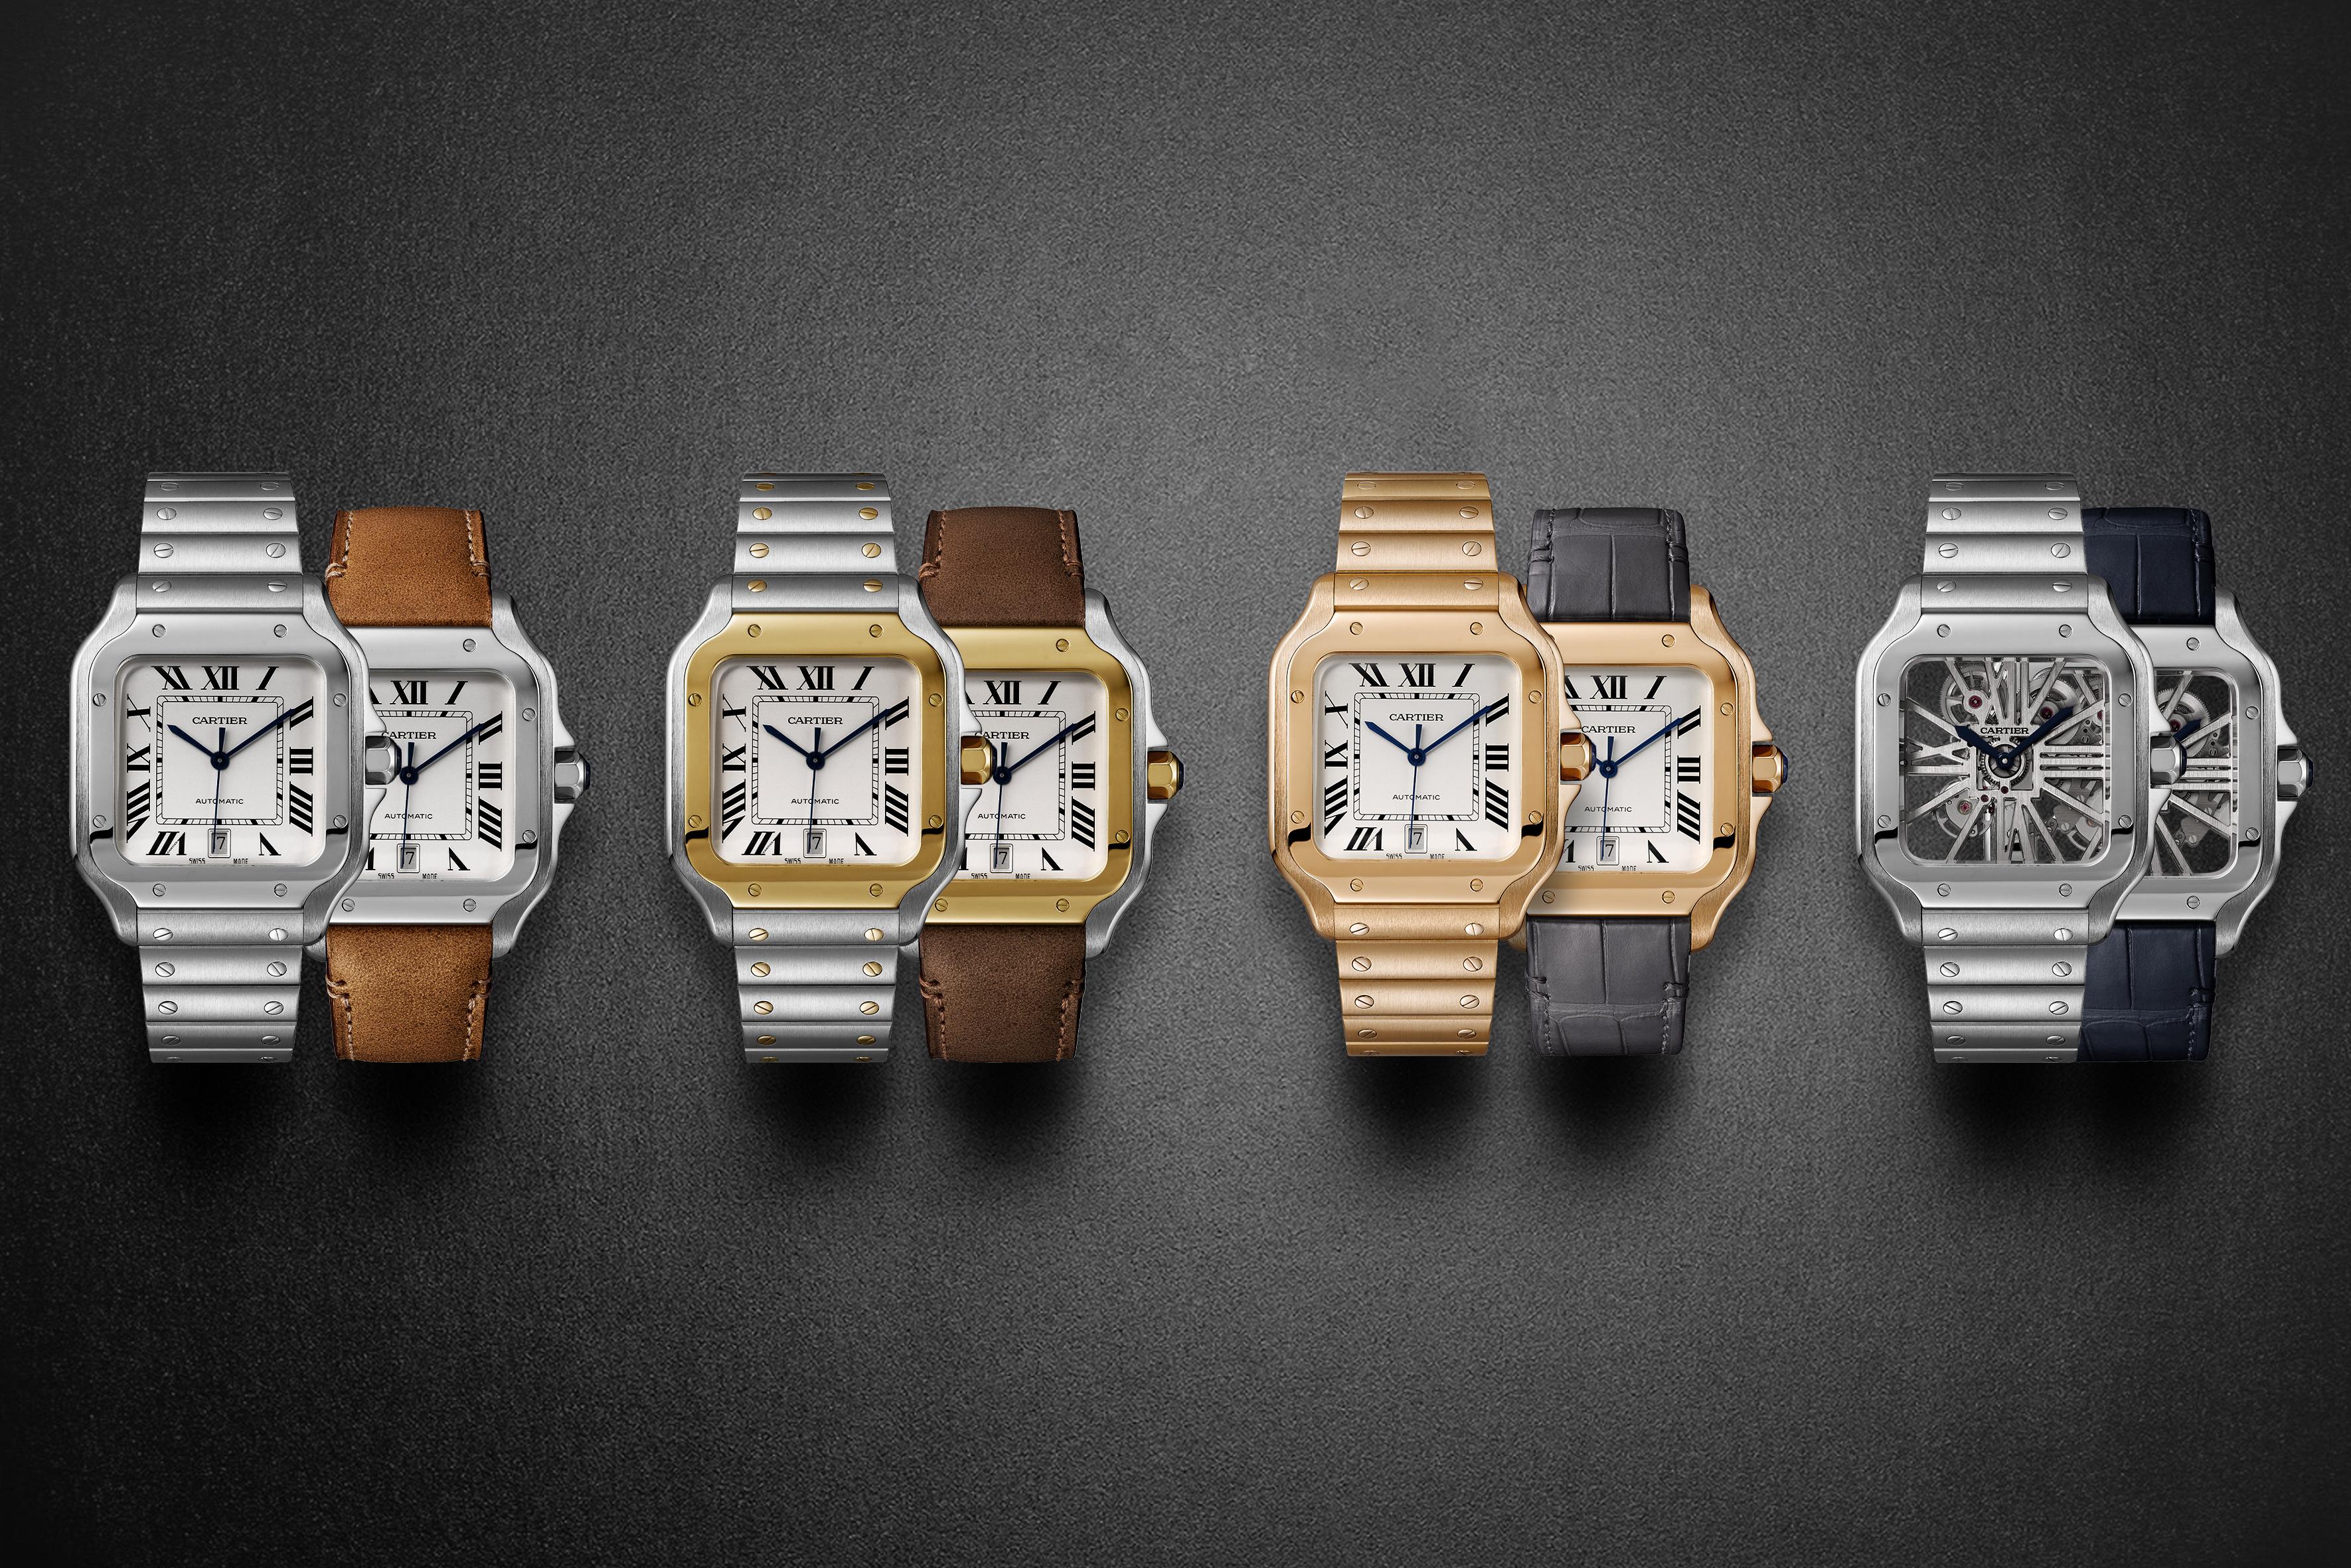 ef05ecb8e9588 Introducing the new Santos de Cartier collection